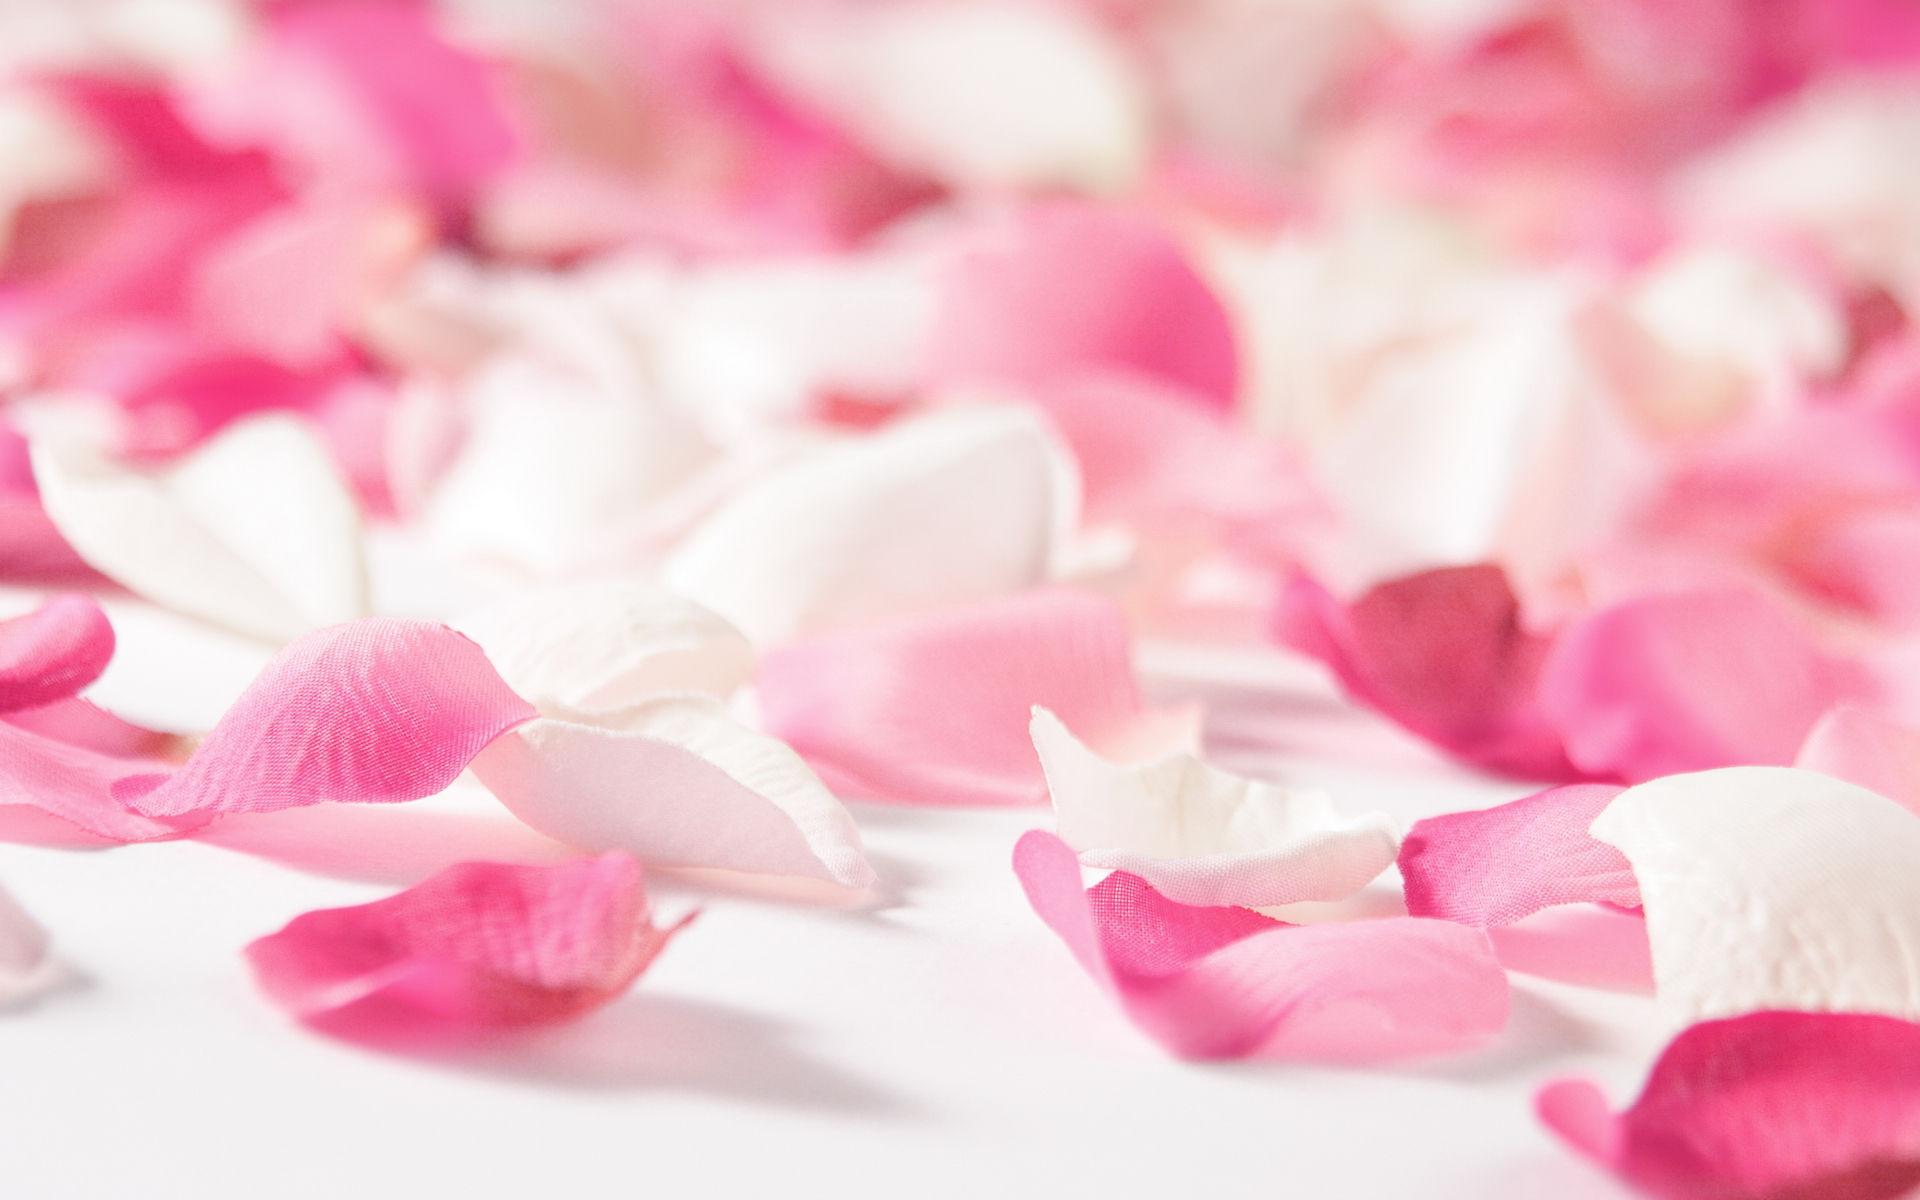 la fond fleur rose - fleuriste bulldo